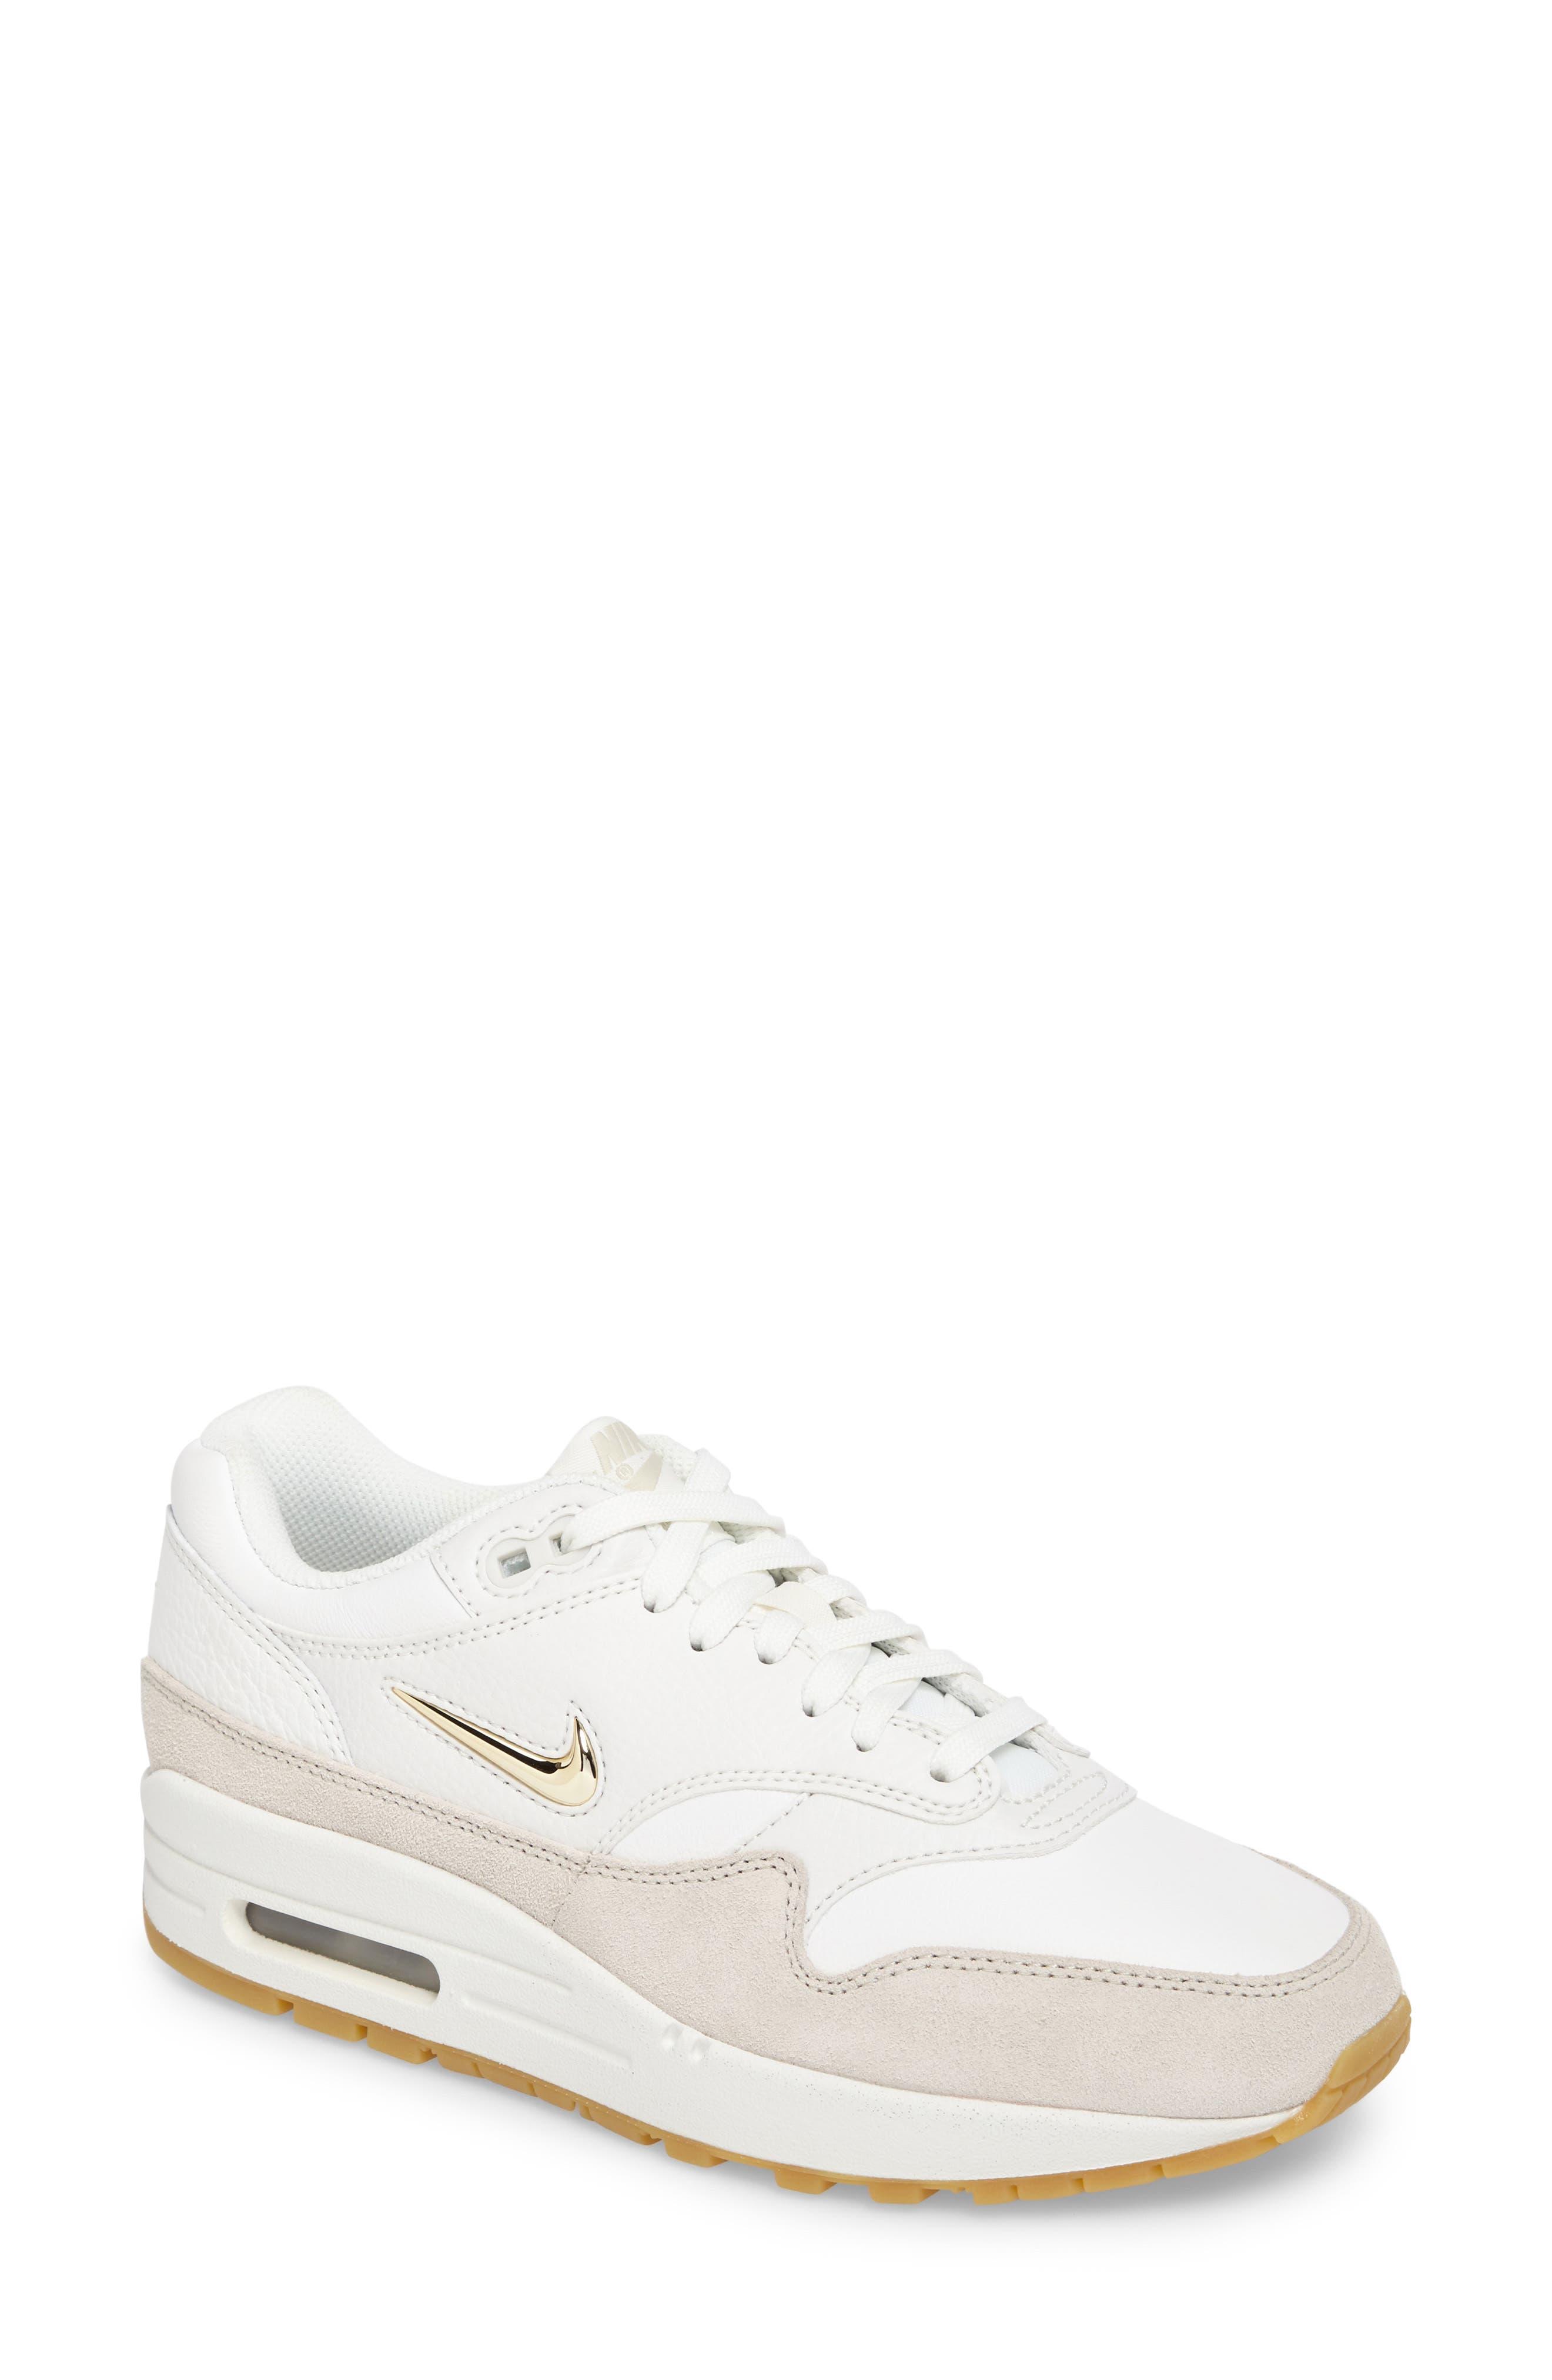 d8ff1c3bd1 ... nike air max 1 premium sc sneaker women